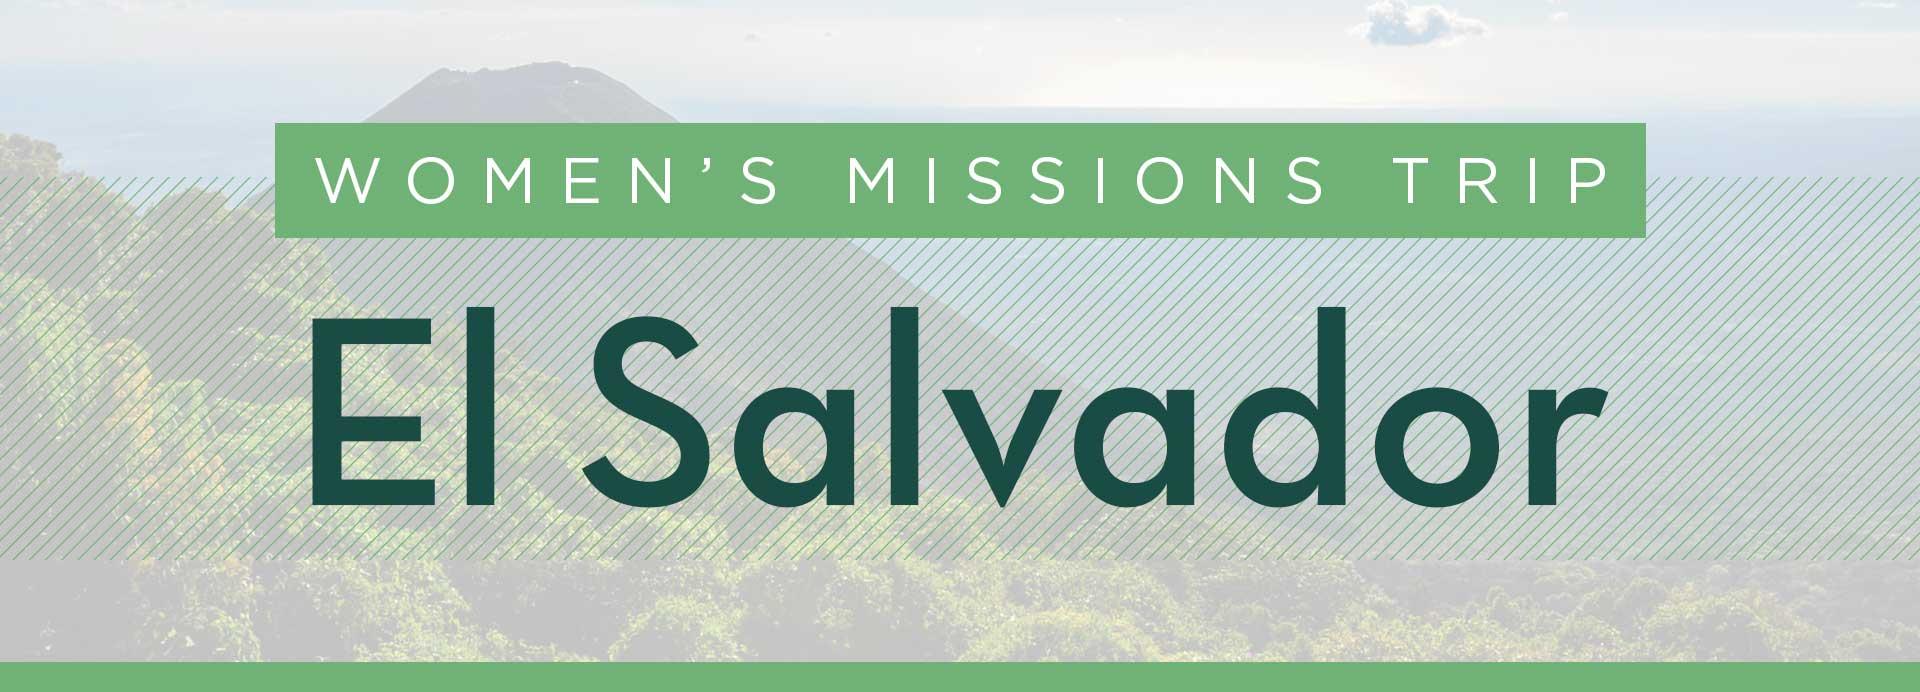 Women's-El-Salvador-Missions-Trip_1920x692.jpg